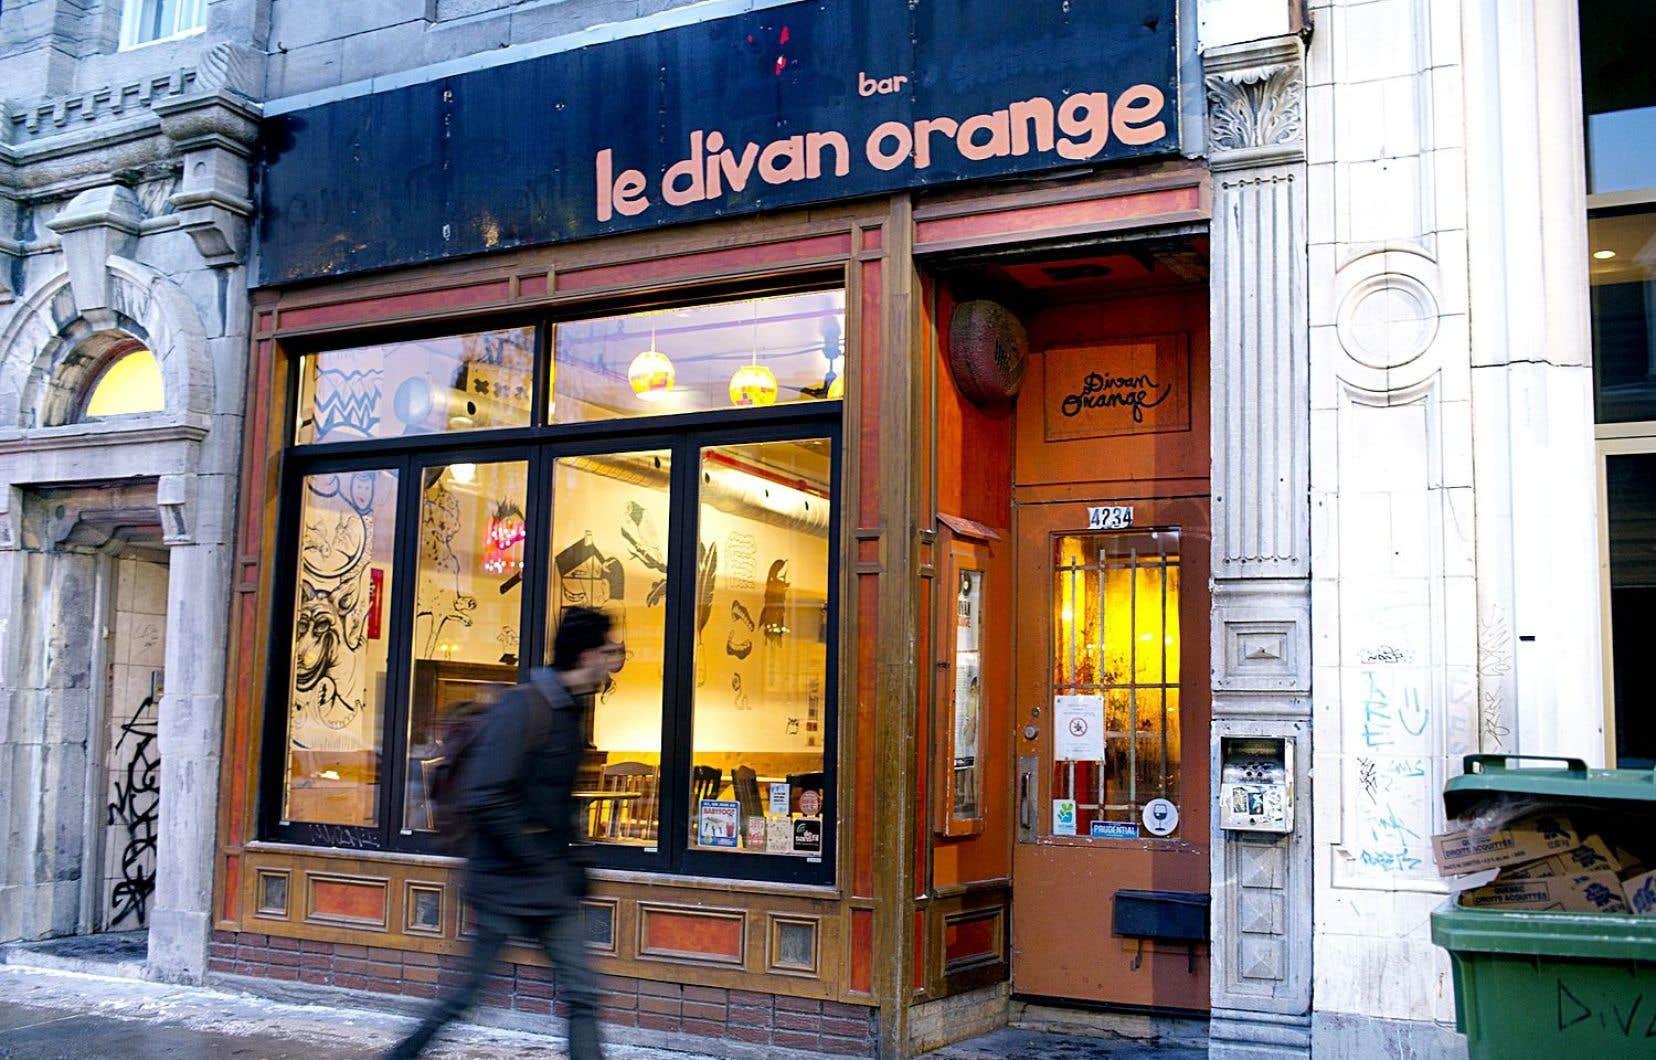 Le Divan orange avait quelque 25000dollars de dettes à cause d'amendes pour bruit excessif, mais aussi parce que son système de son avait rendu l'âme.